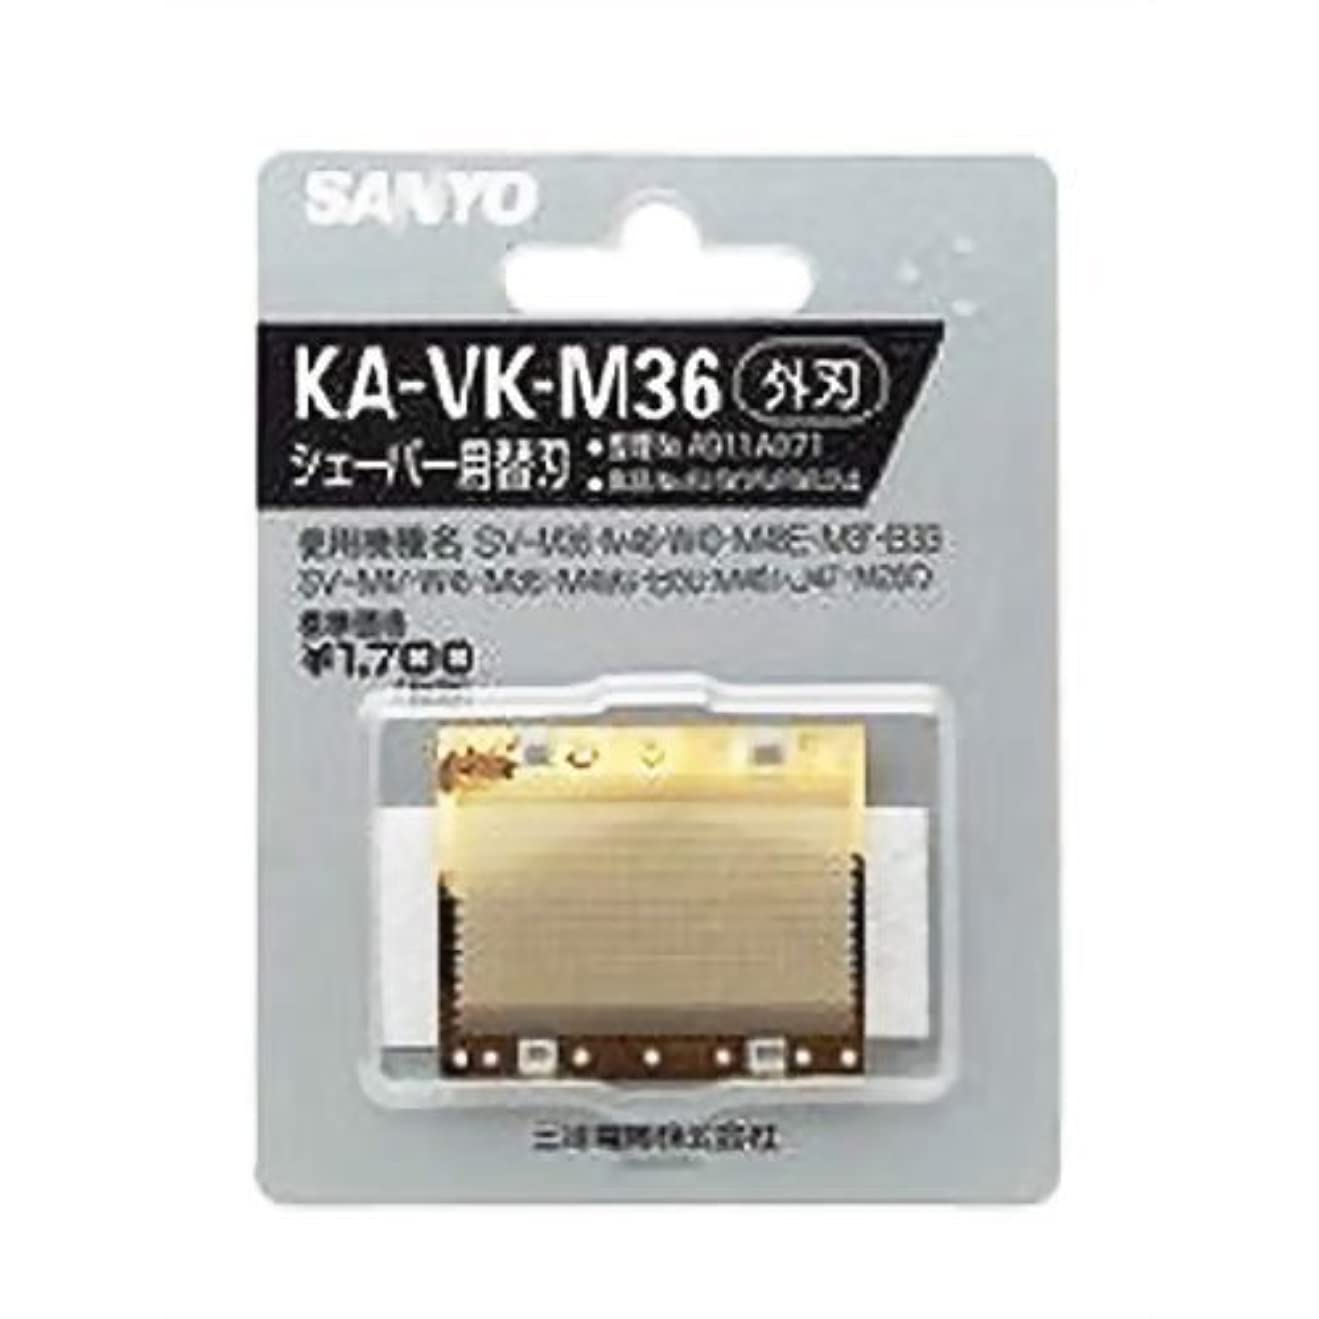 メロドラマキャリッジ矢じりサンヨー 交換用替刃(外刃)SANYO KA-VK-M36